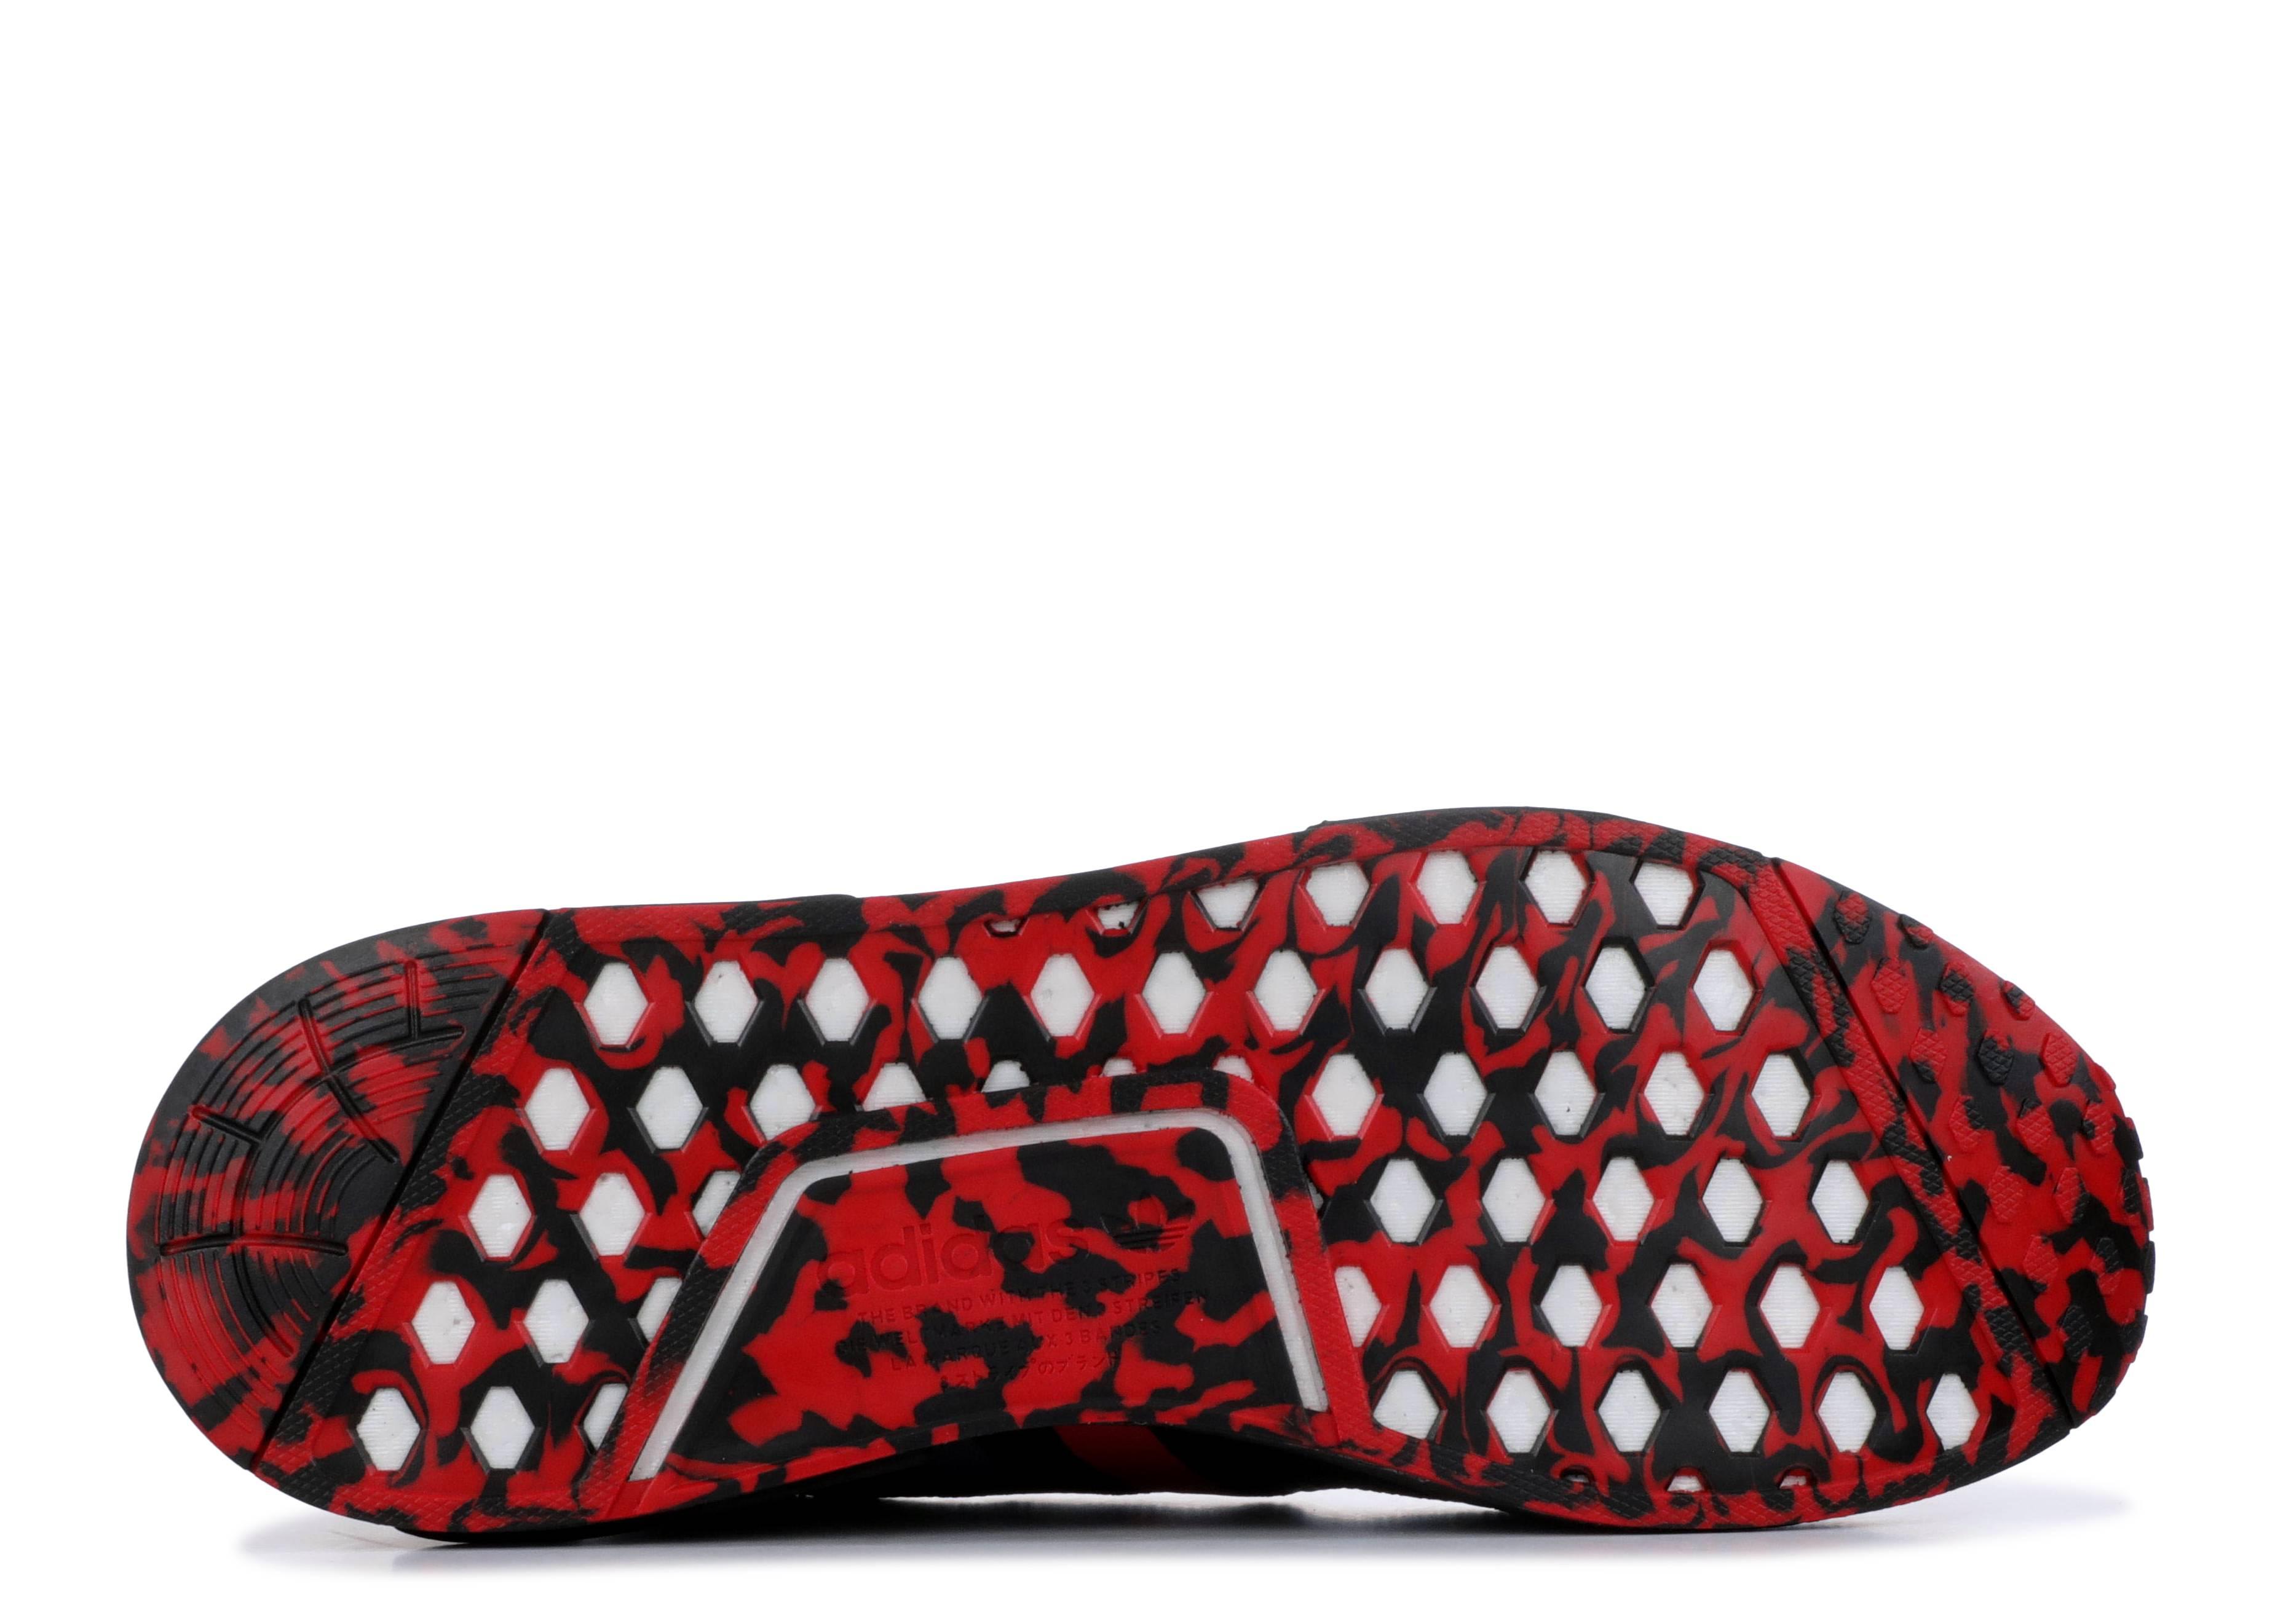 6deed94ad Adidas Nmd R1